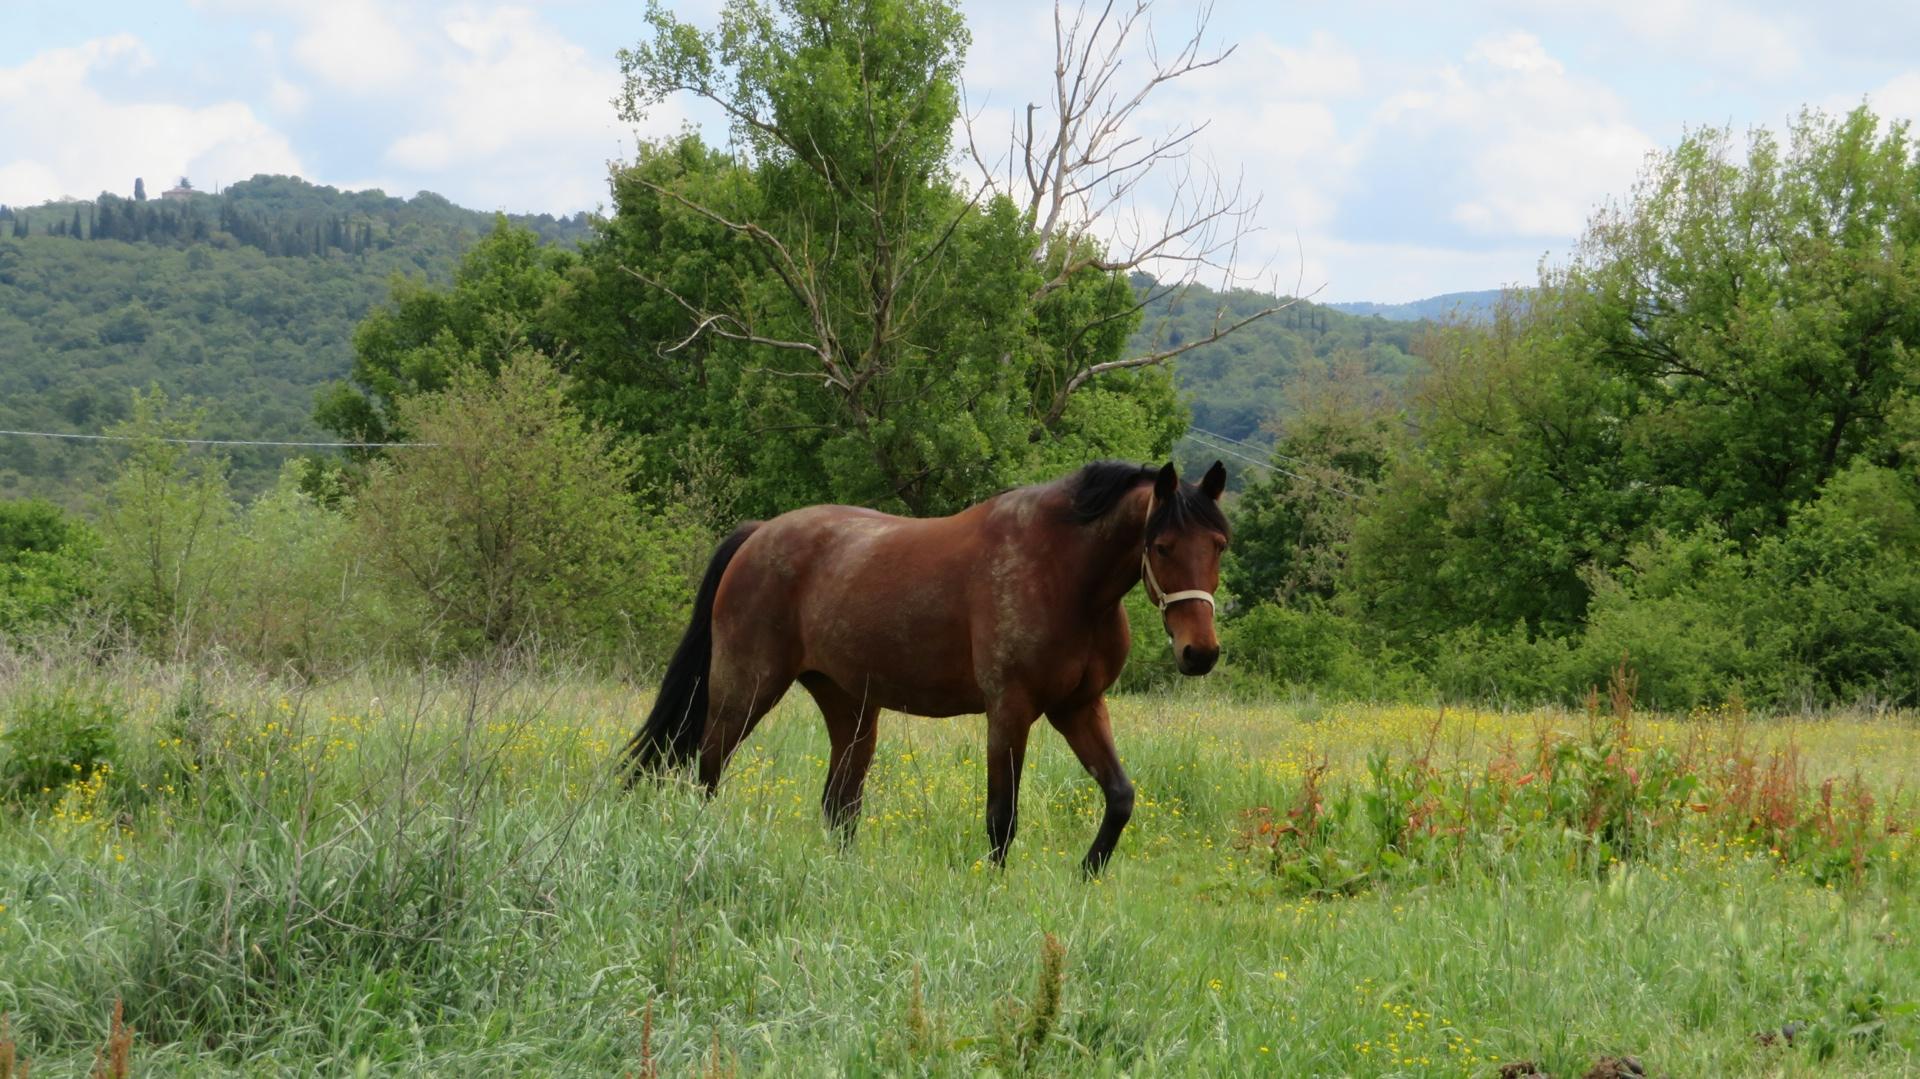 cavallo - se mi chiedono se sono animalista